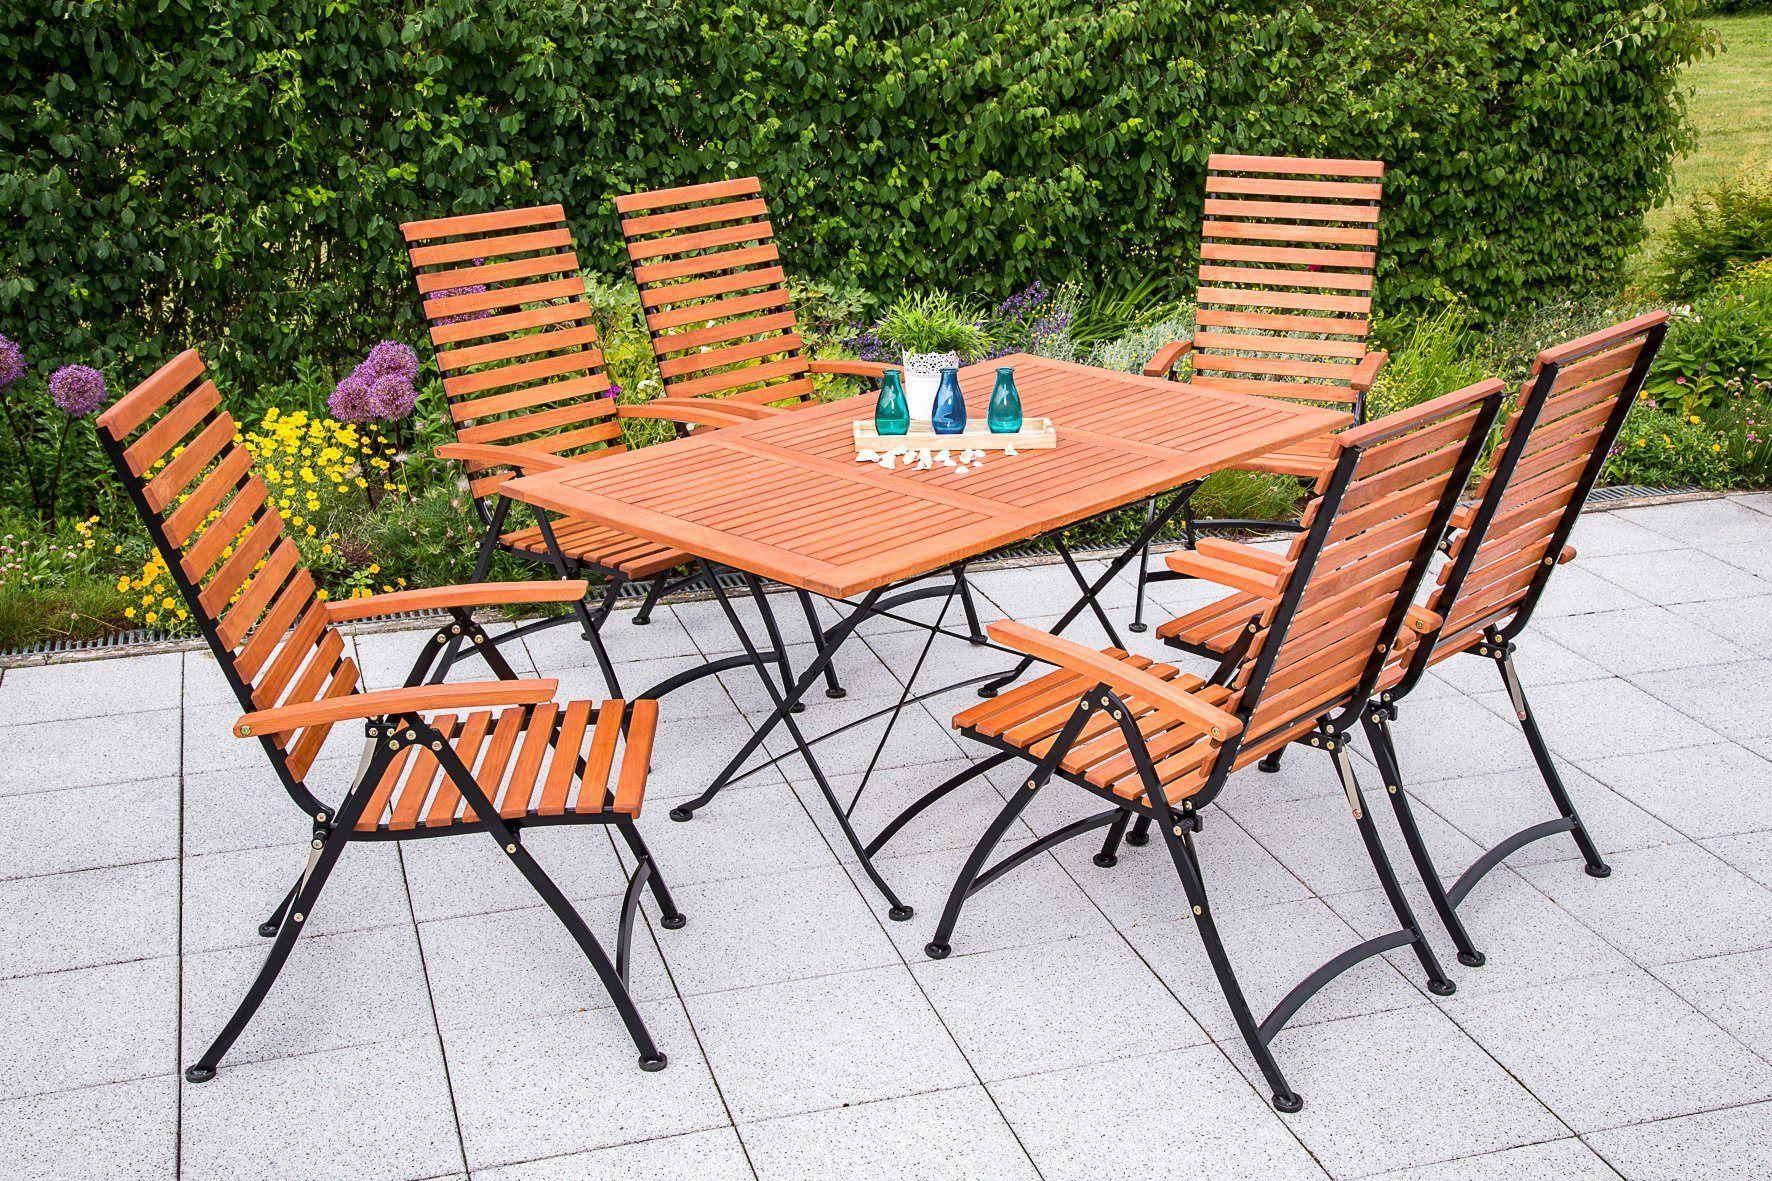 Amazon De Klappgarnitur Schlossgarten 5 Teilig 4x Armlehnensessel Ausziehtisch Stahl Eukalyptus Fsc Zertifiziert Ausziehtisch Klapptisch Gartenmobel